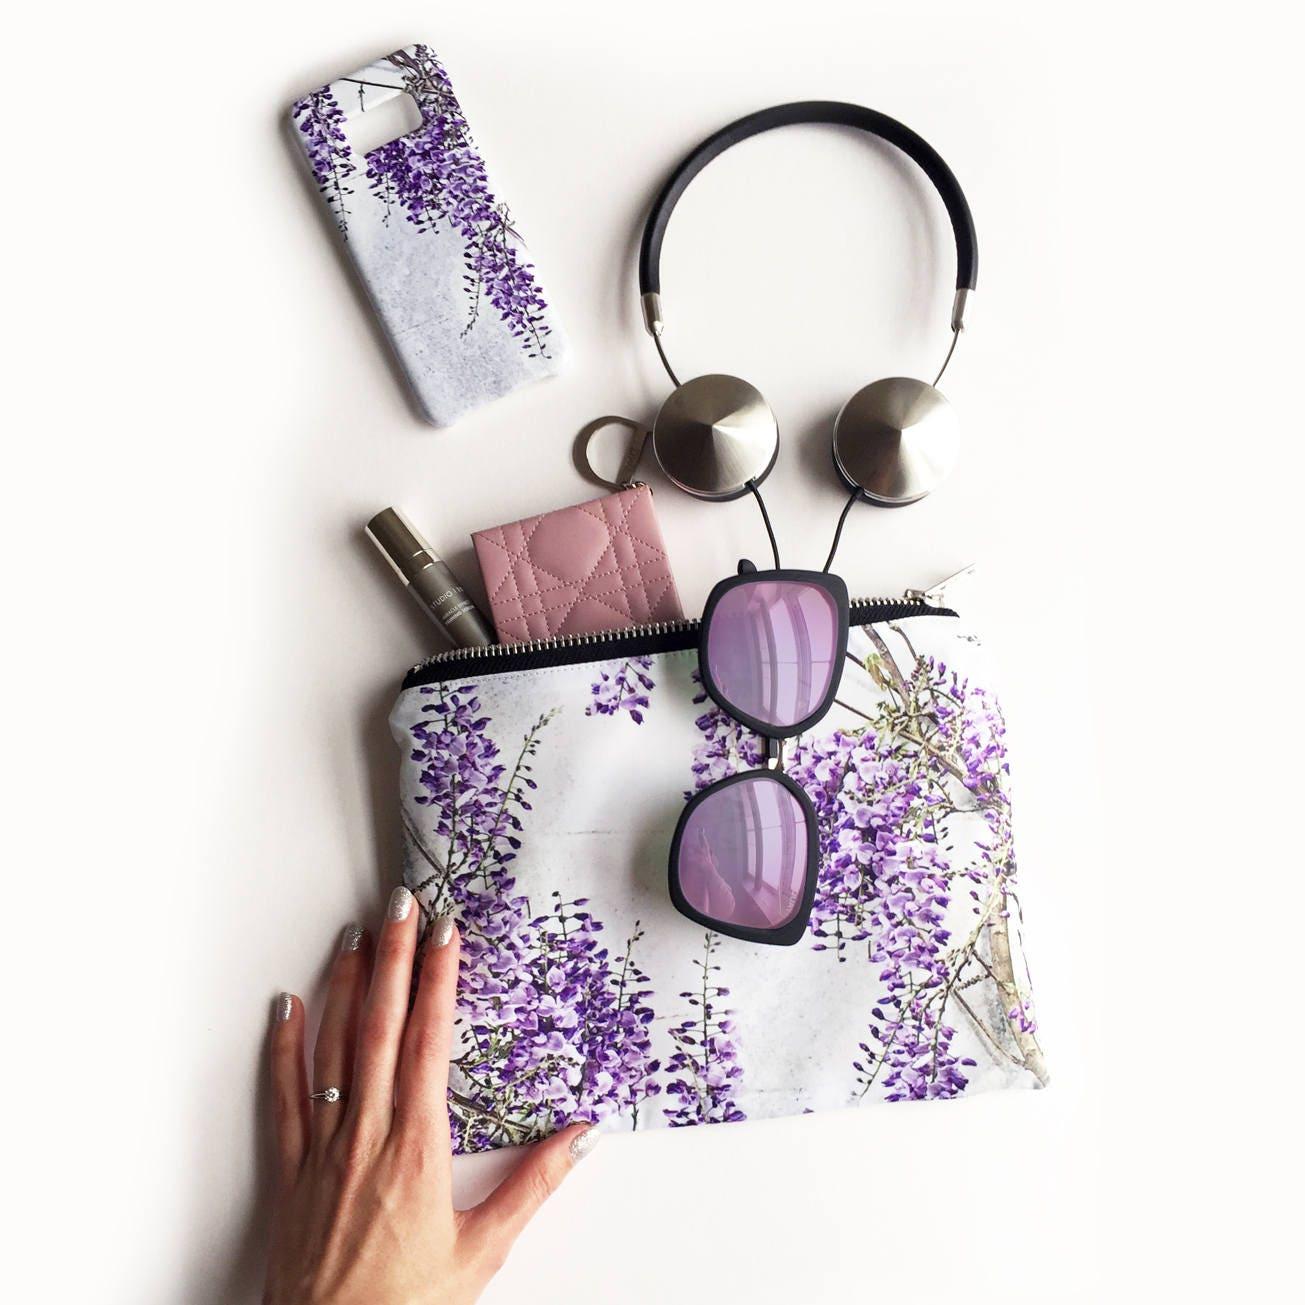 Wisteria Portfolio clutch bag  waterproof wash bag travel zipper bag beach bag wisteria print make up bag cosmetics bag clutch bag